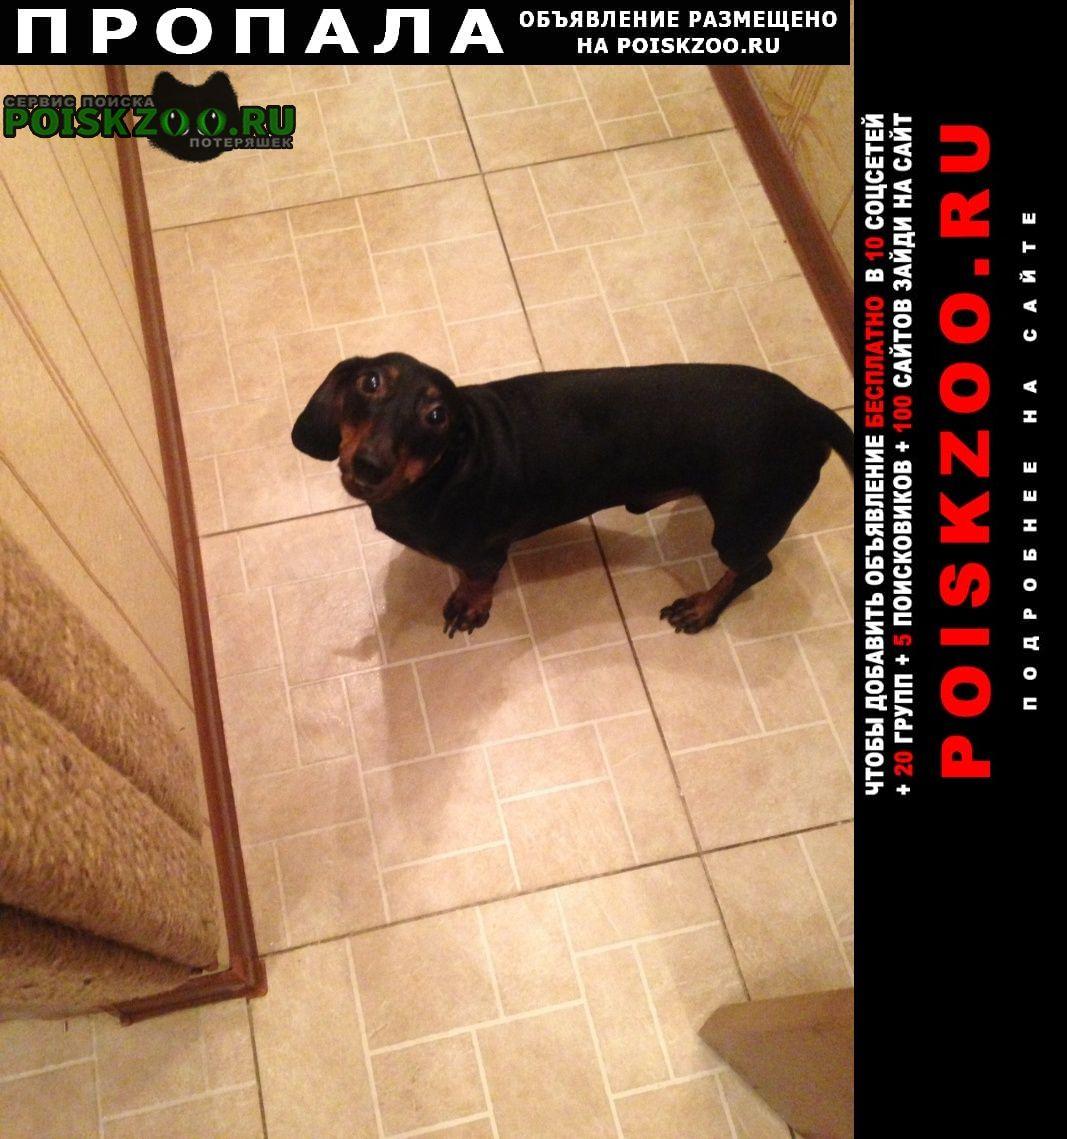 Пропала собака кобель сзао Москва